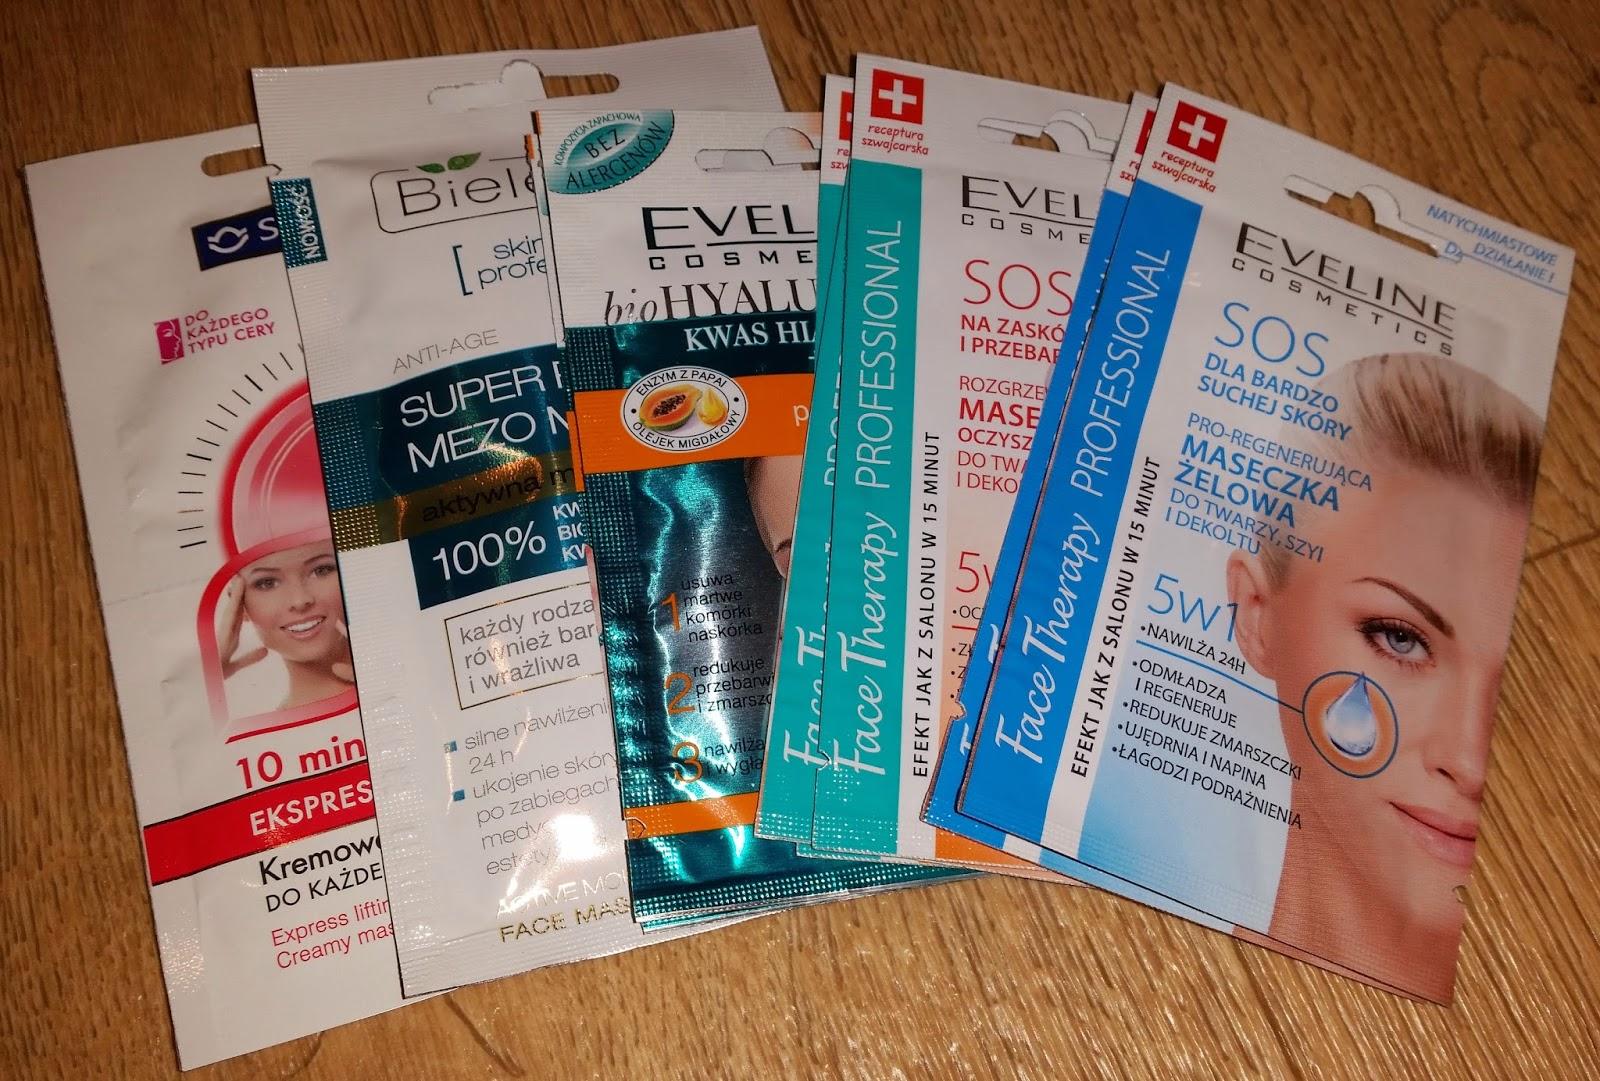 kosmetyki, Eveline cosmetics, maseczki do twarzy